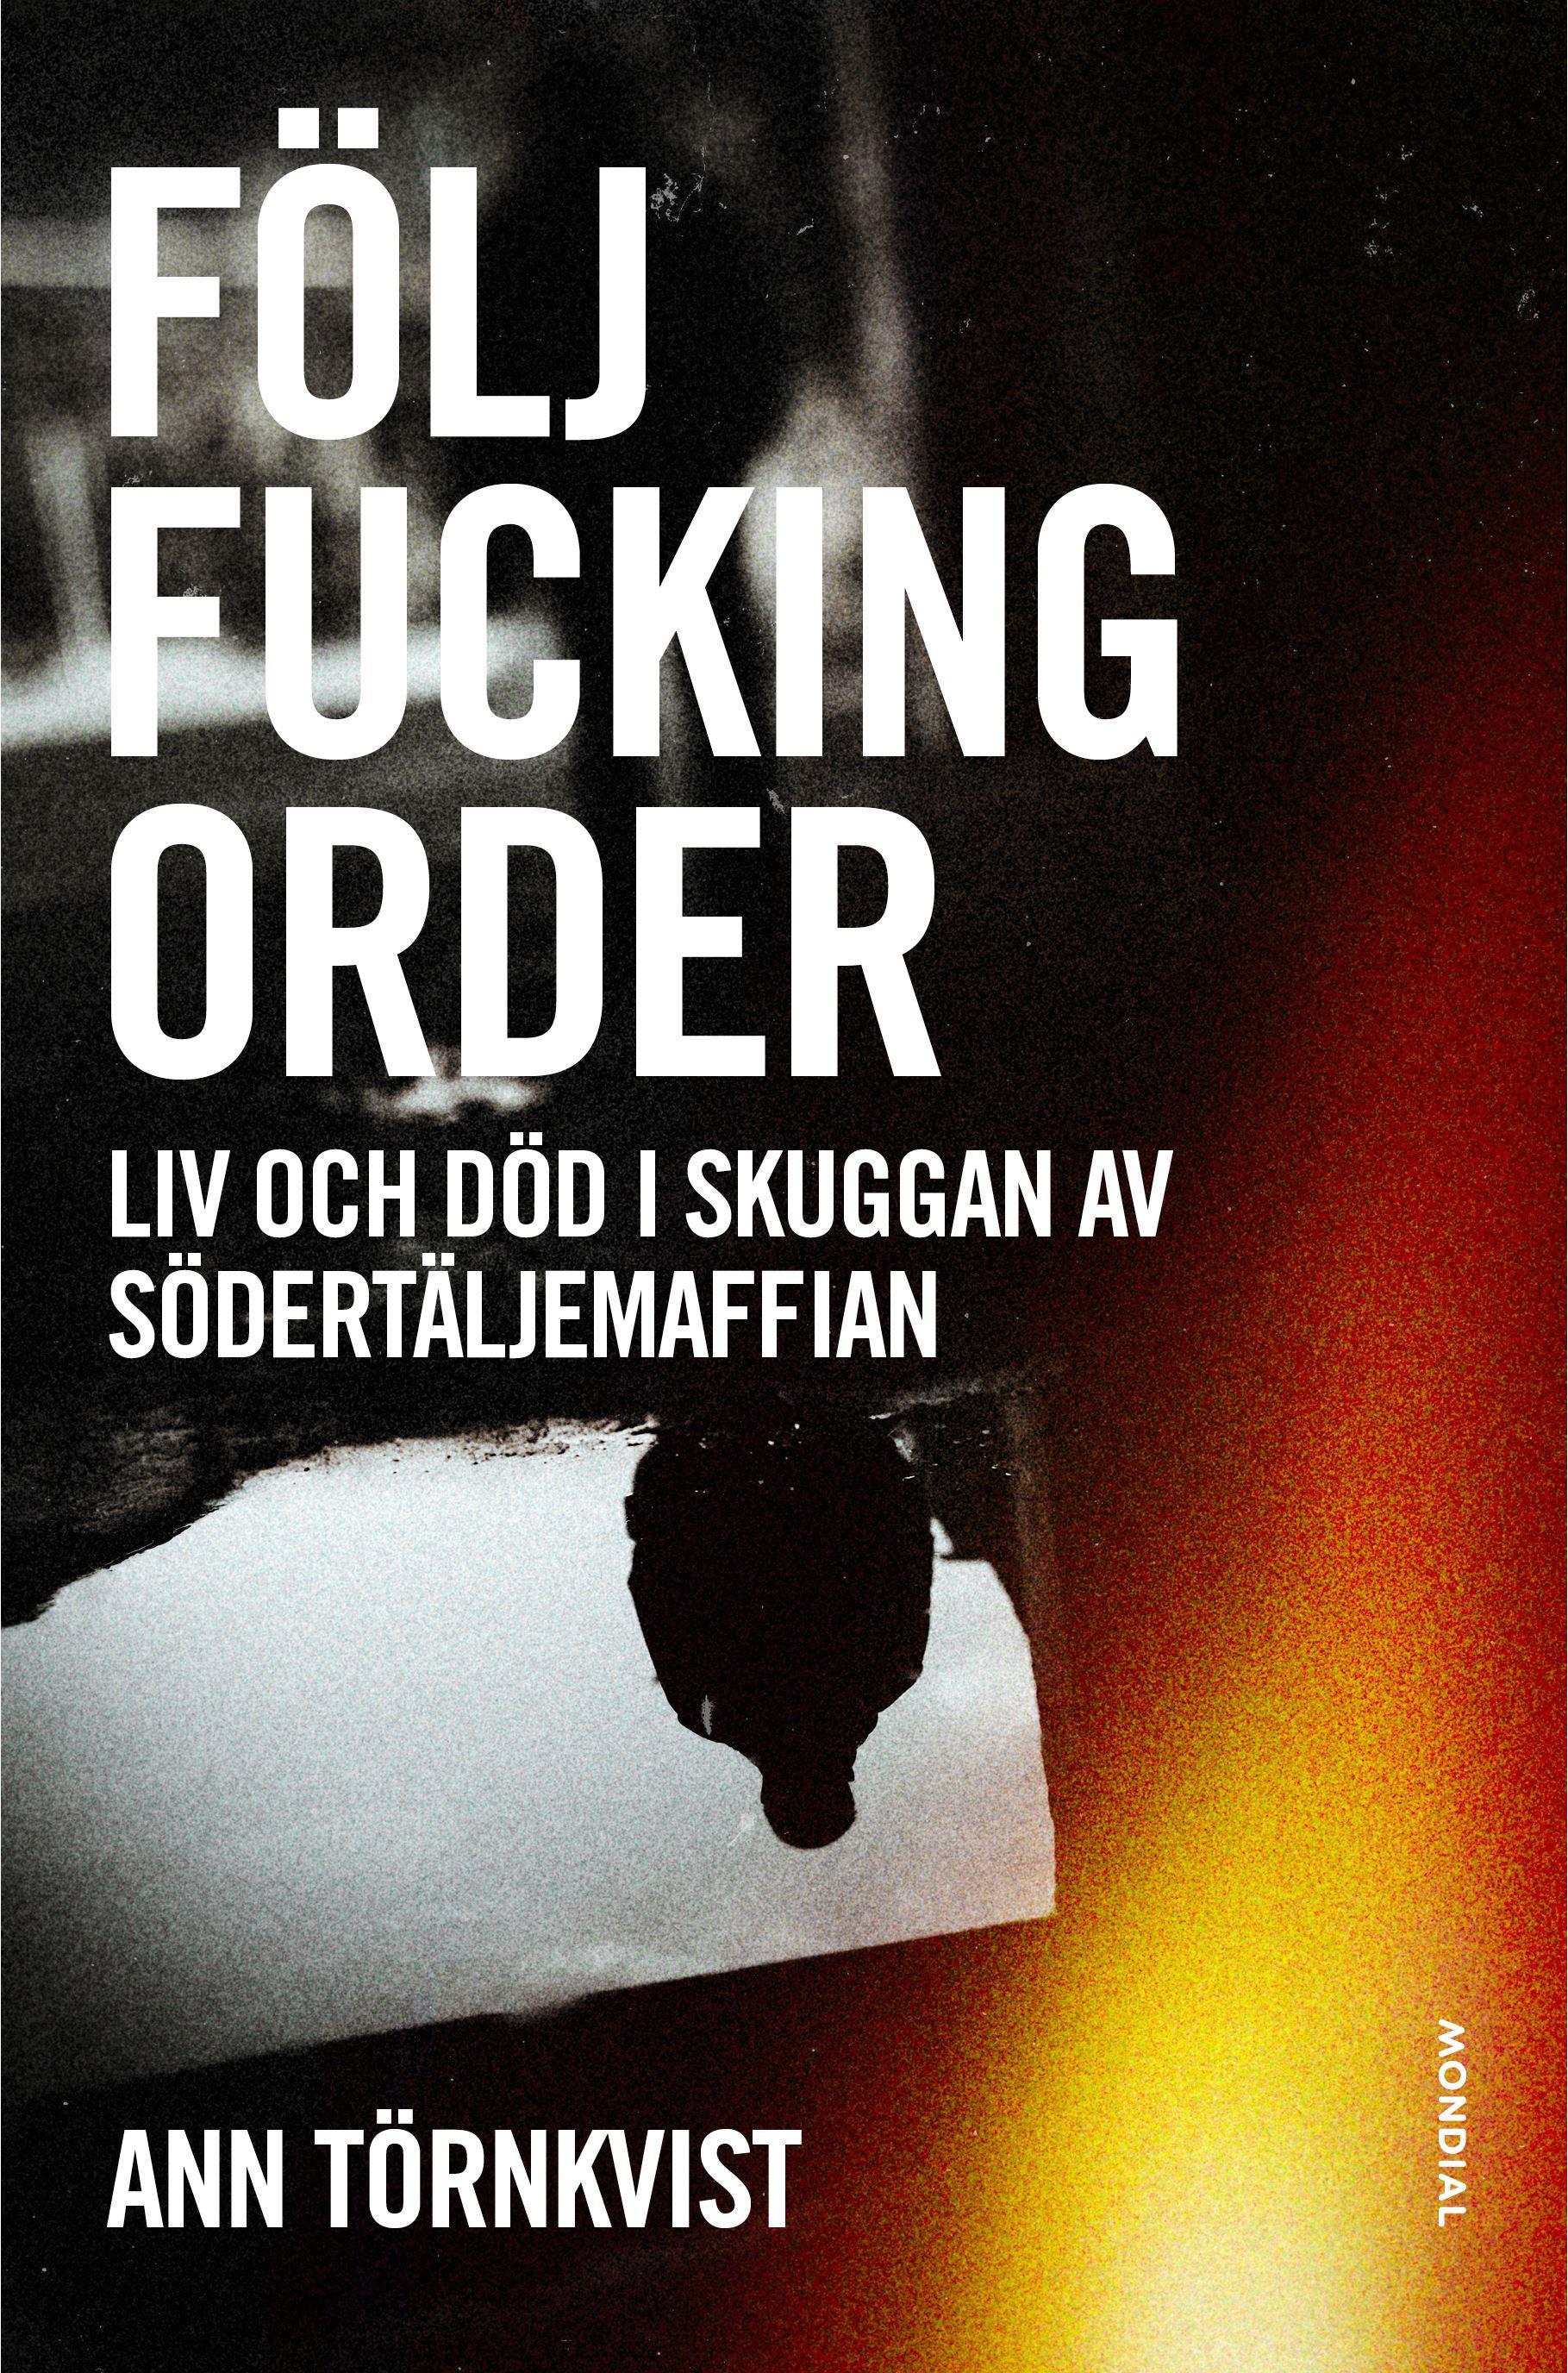 Författarbesök med Ann Törnkvist